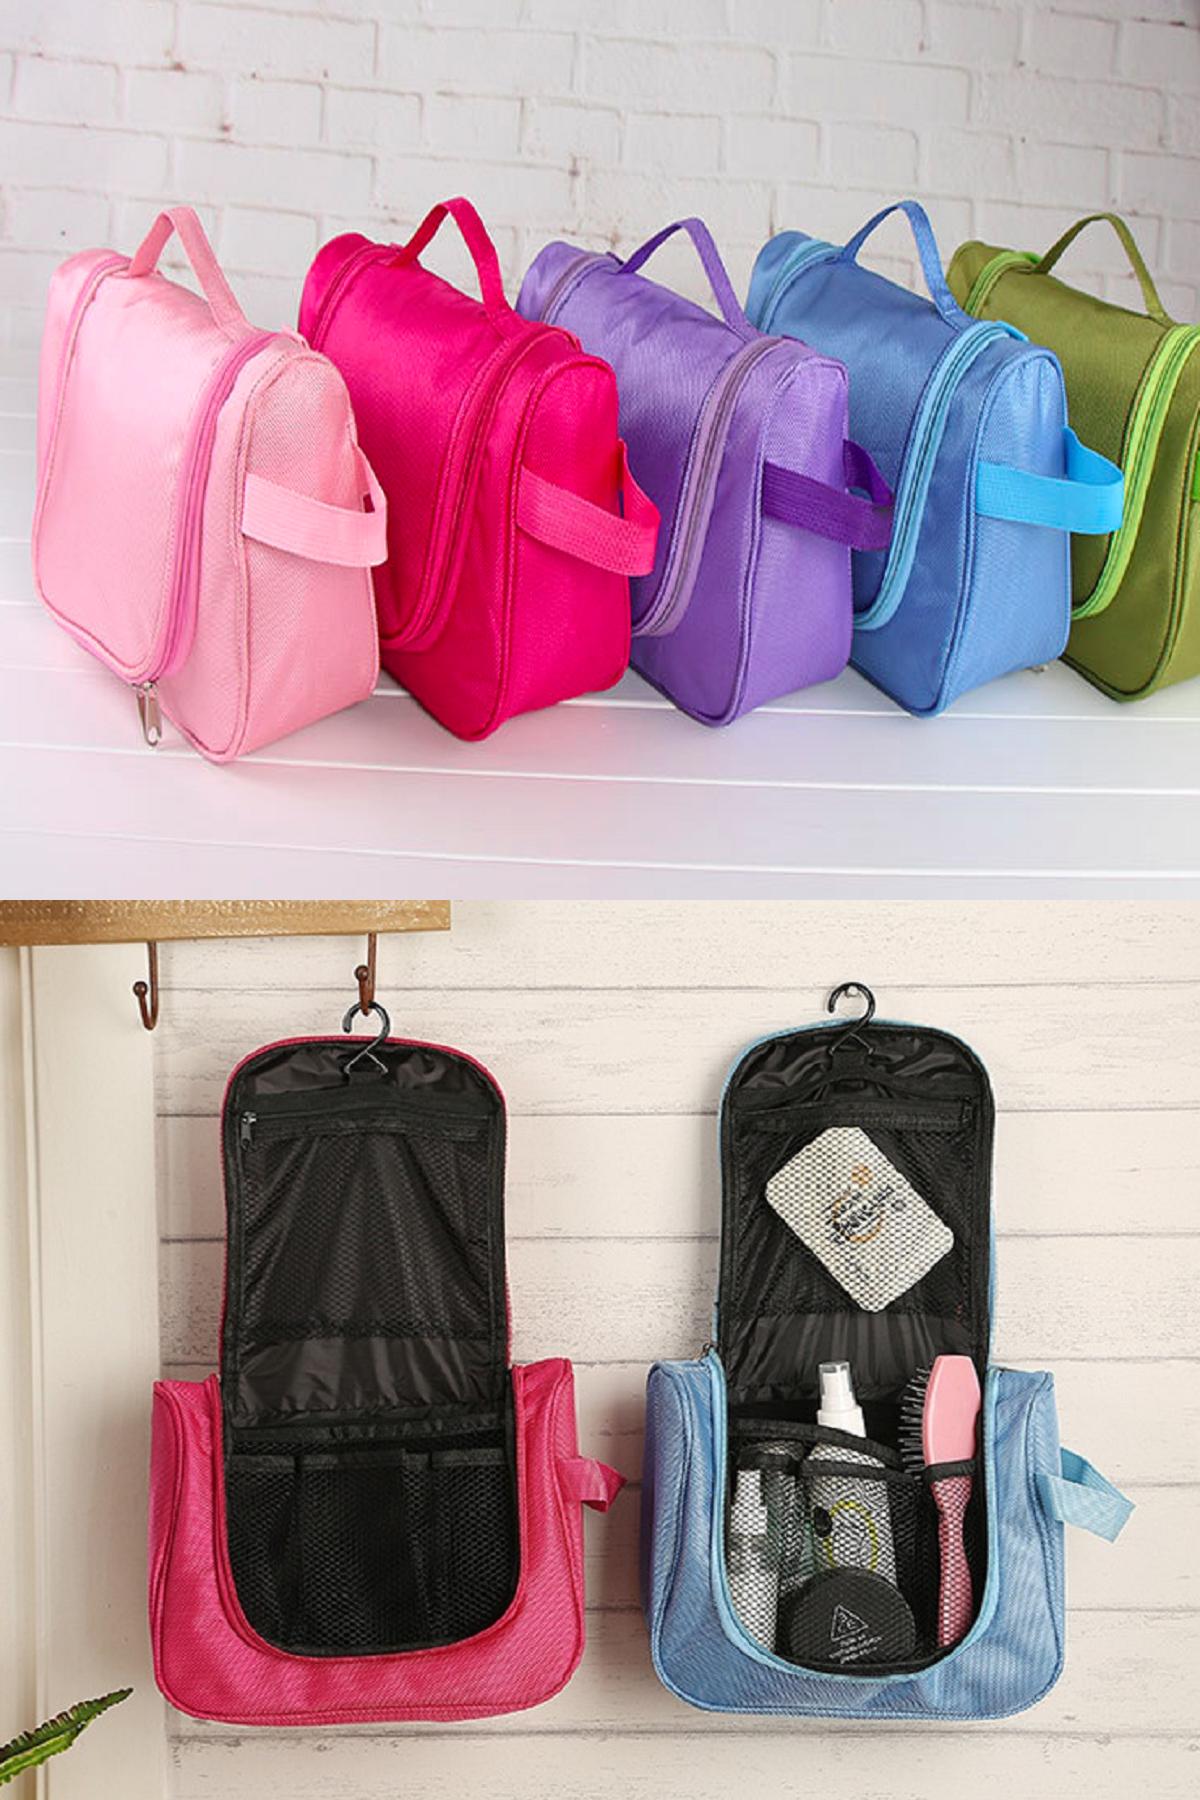 ... Tas Peralatan Mandi Kosmetik Toilet Organizer Bag Travel Mate Jual Korean Toiletries Perlengkapan Ceria Smart Tokopedia